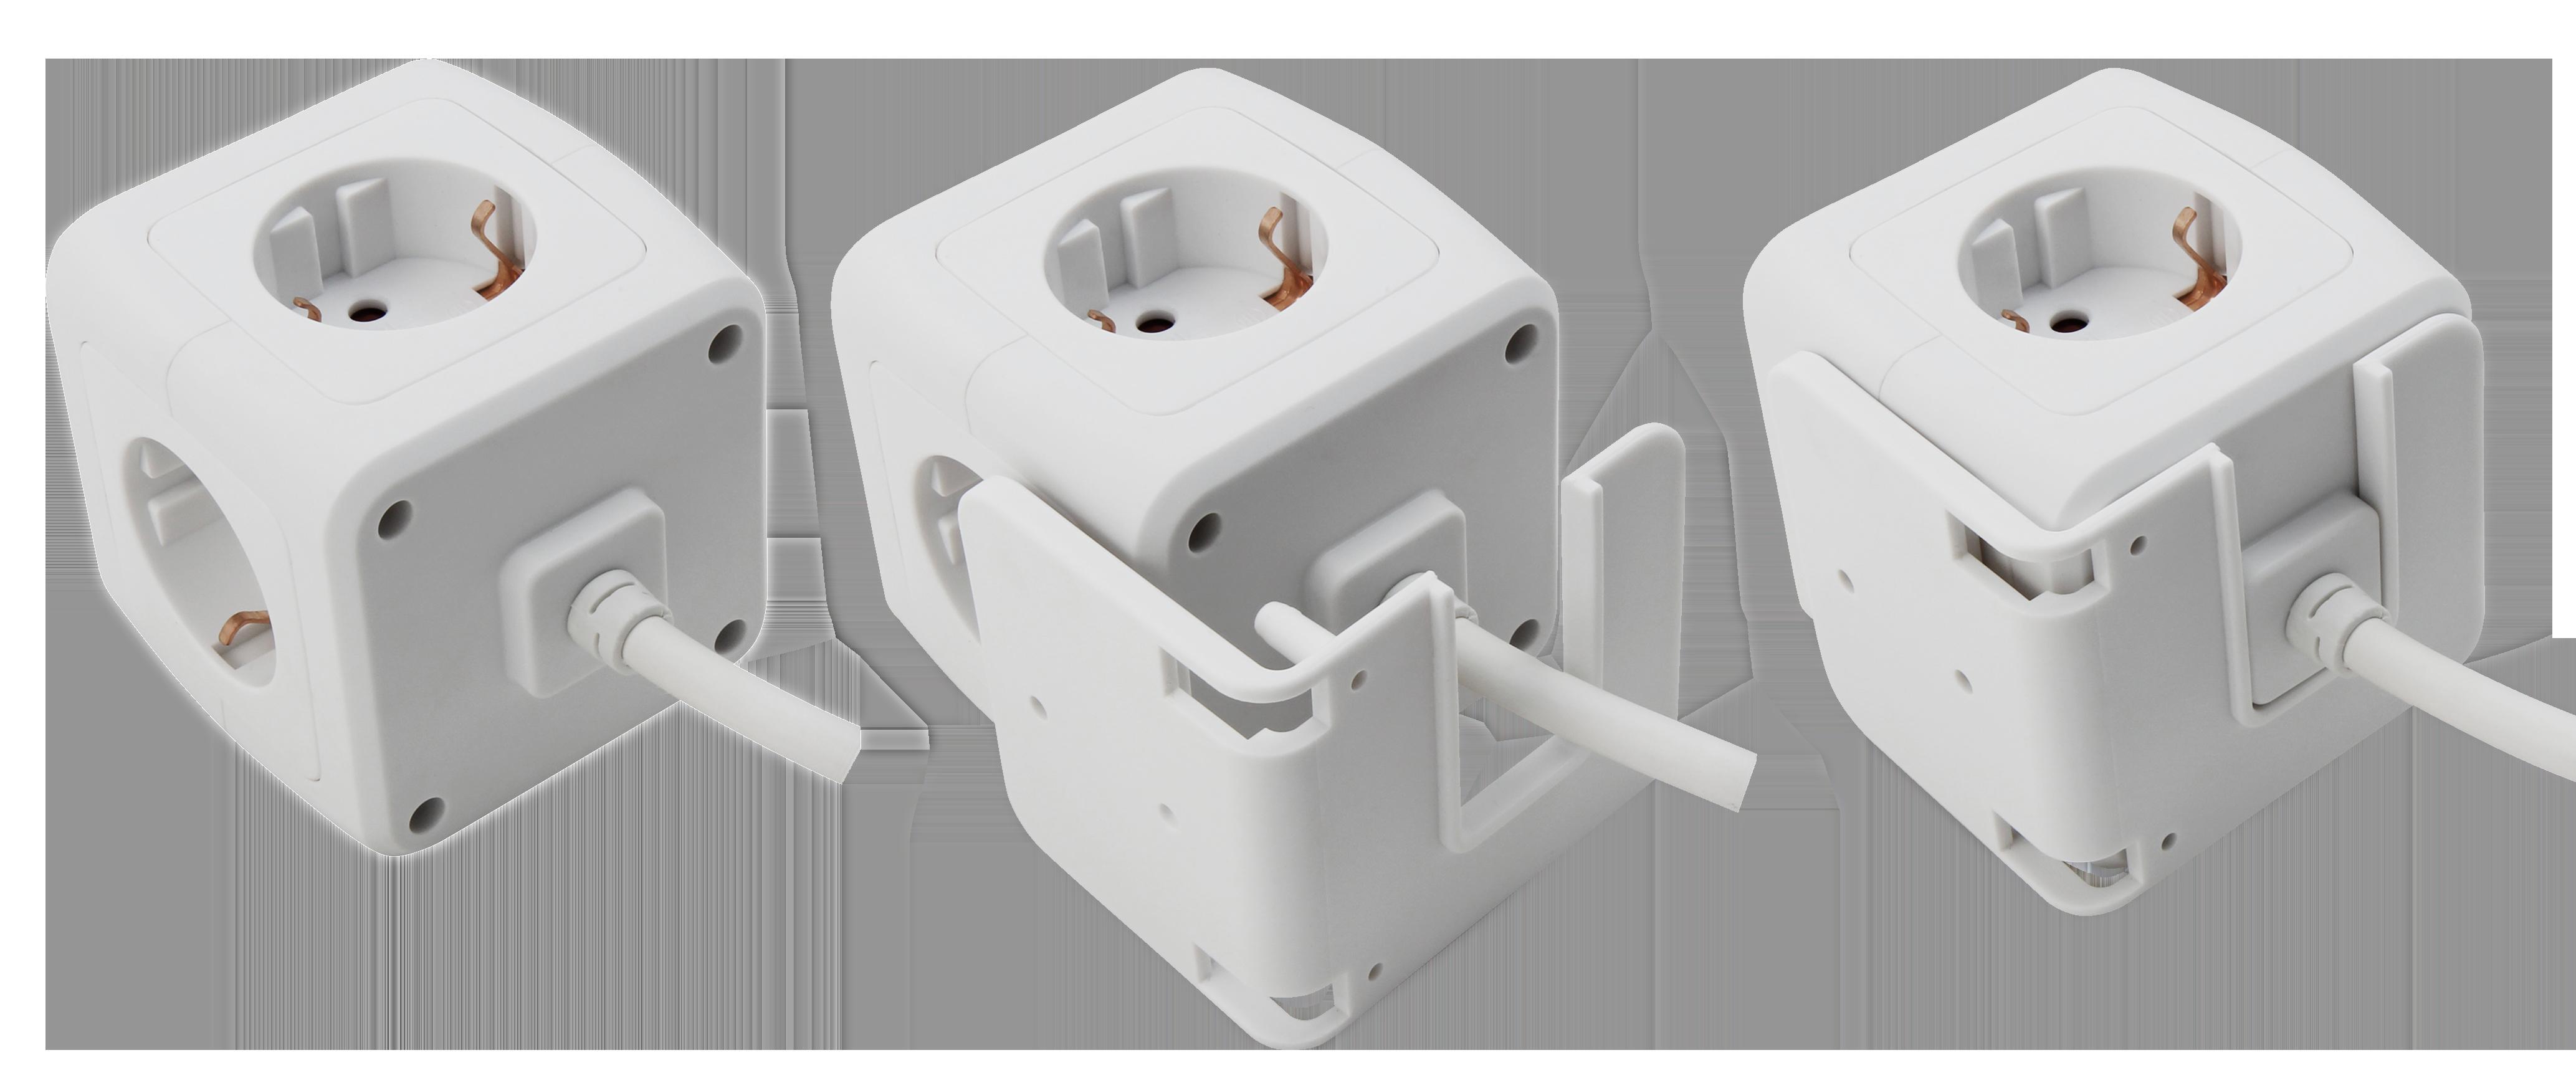 Steckdosen-Würfel McPower mit 4x Schutzkontakt Steckdose + 2xUSB, 1,5m Zuleitung